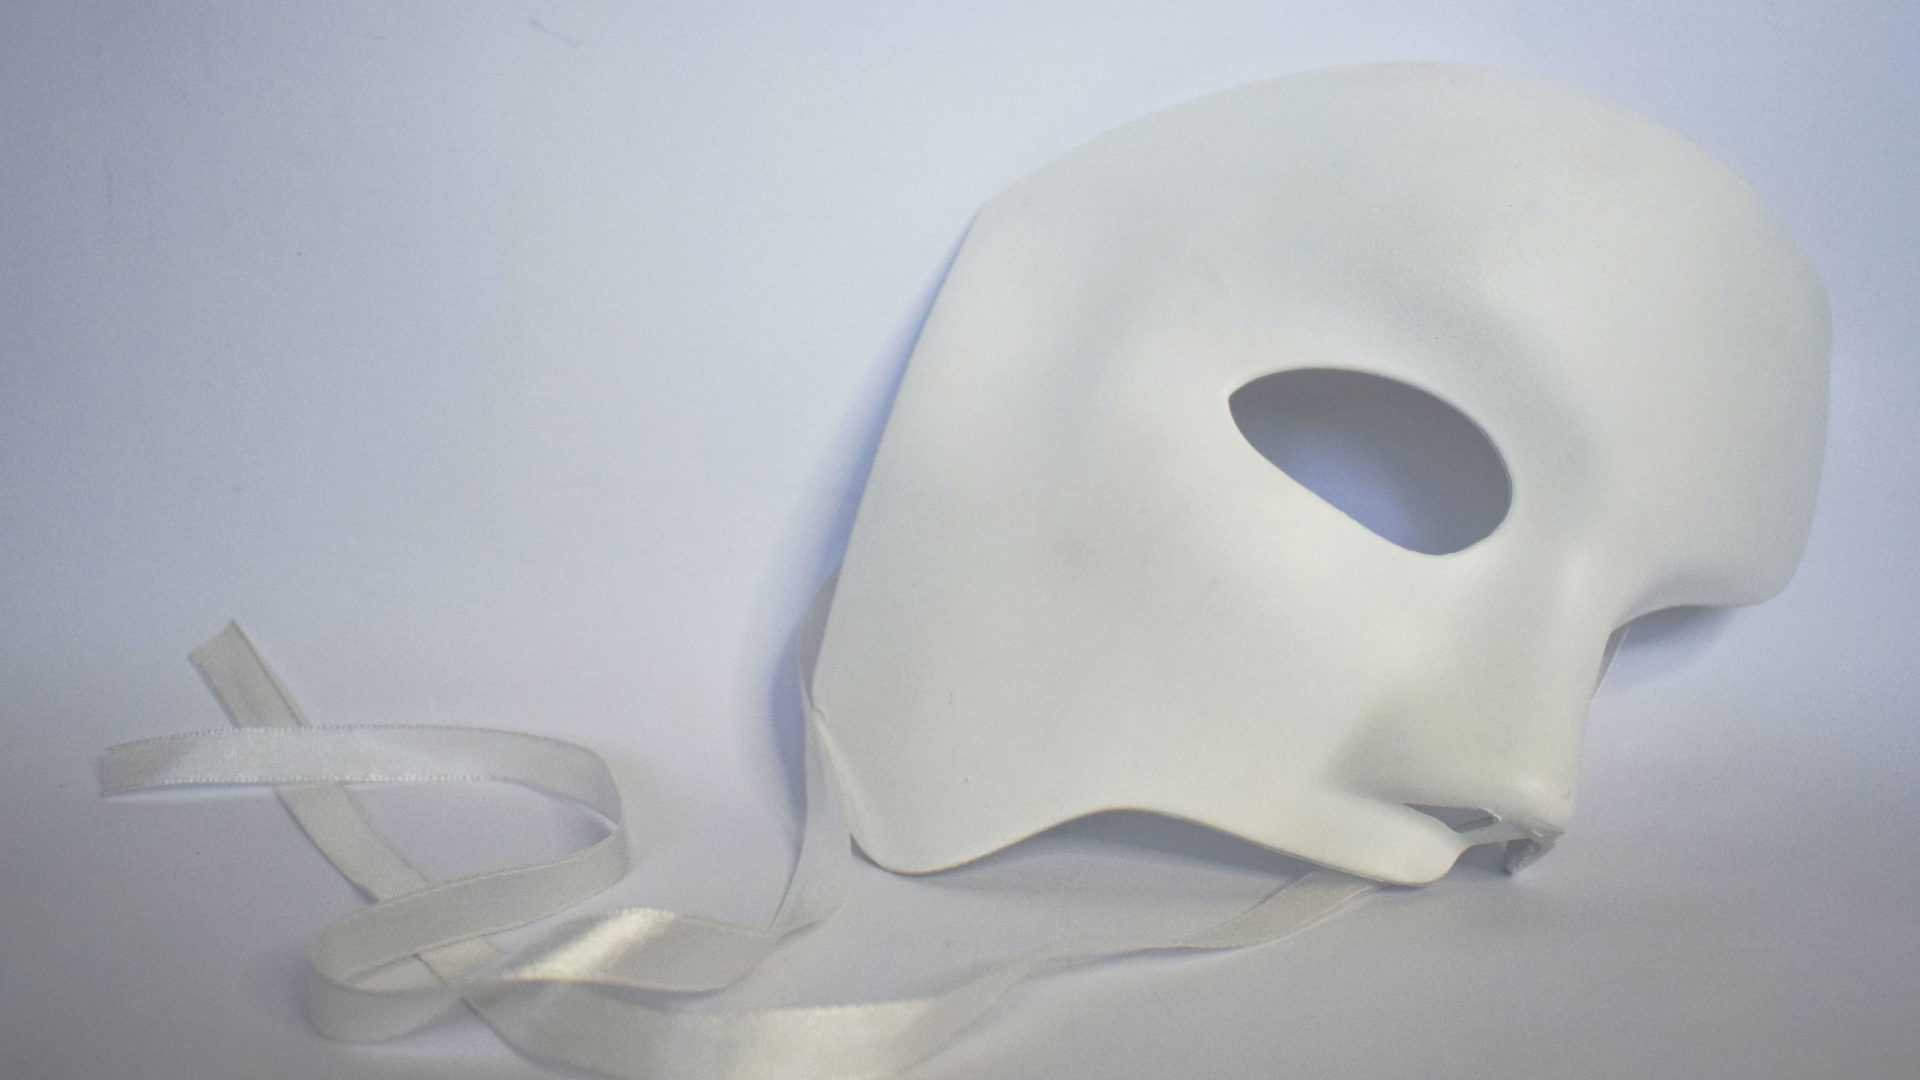 Verwaltungsgericht hebt Maskenpflicht für Querdenken Karlsruhe auf